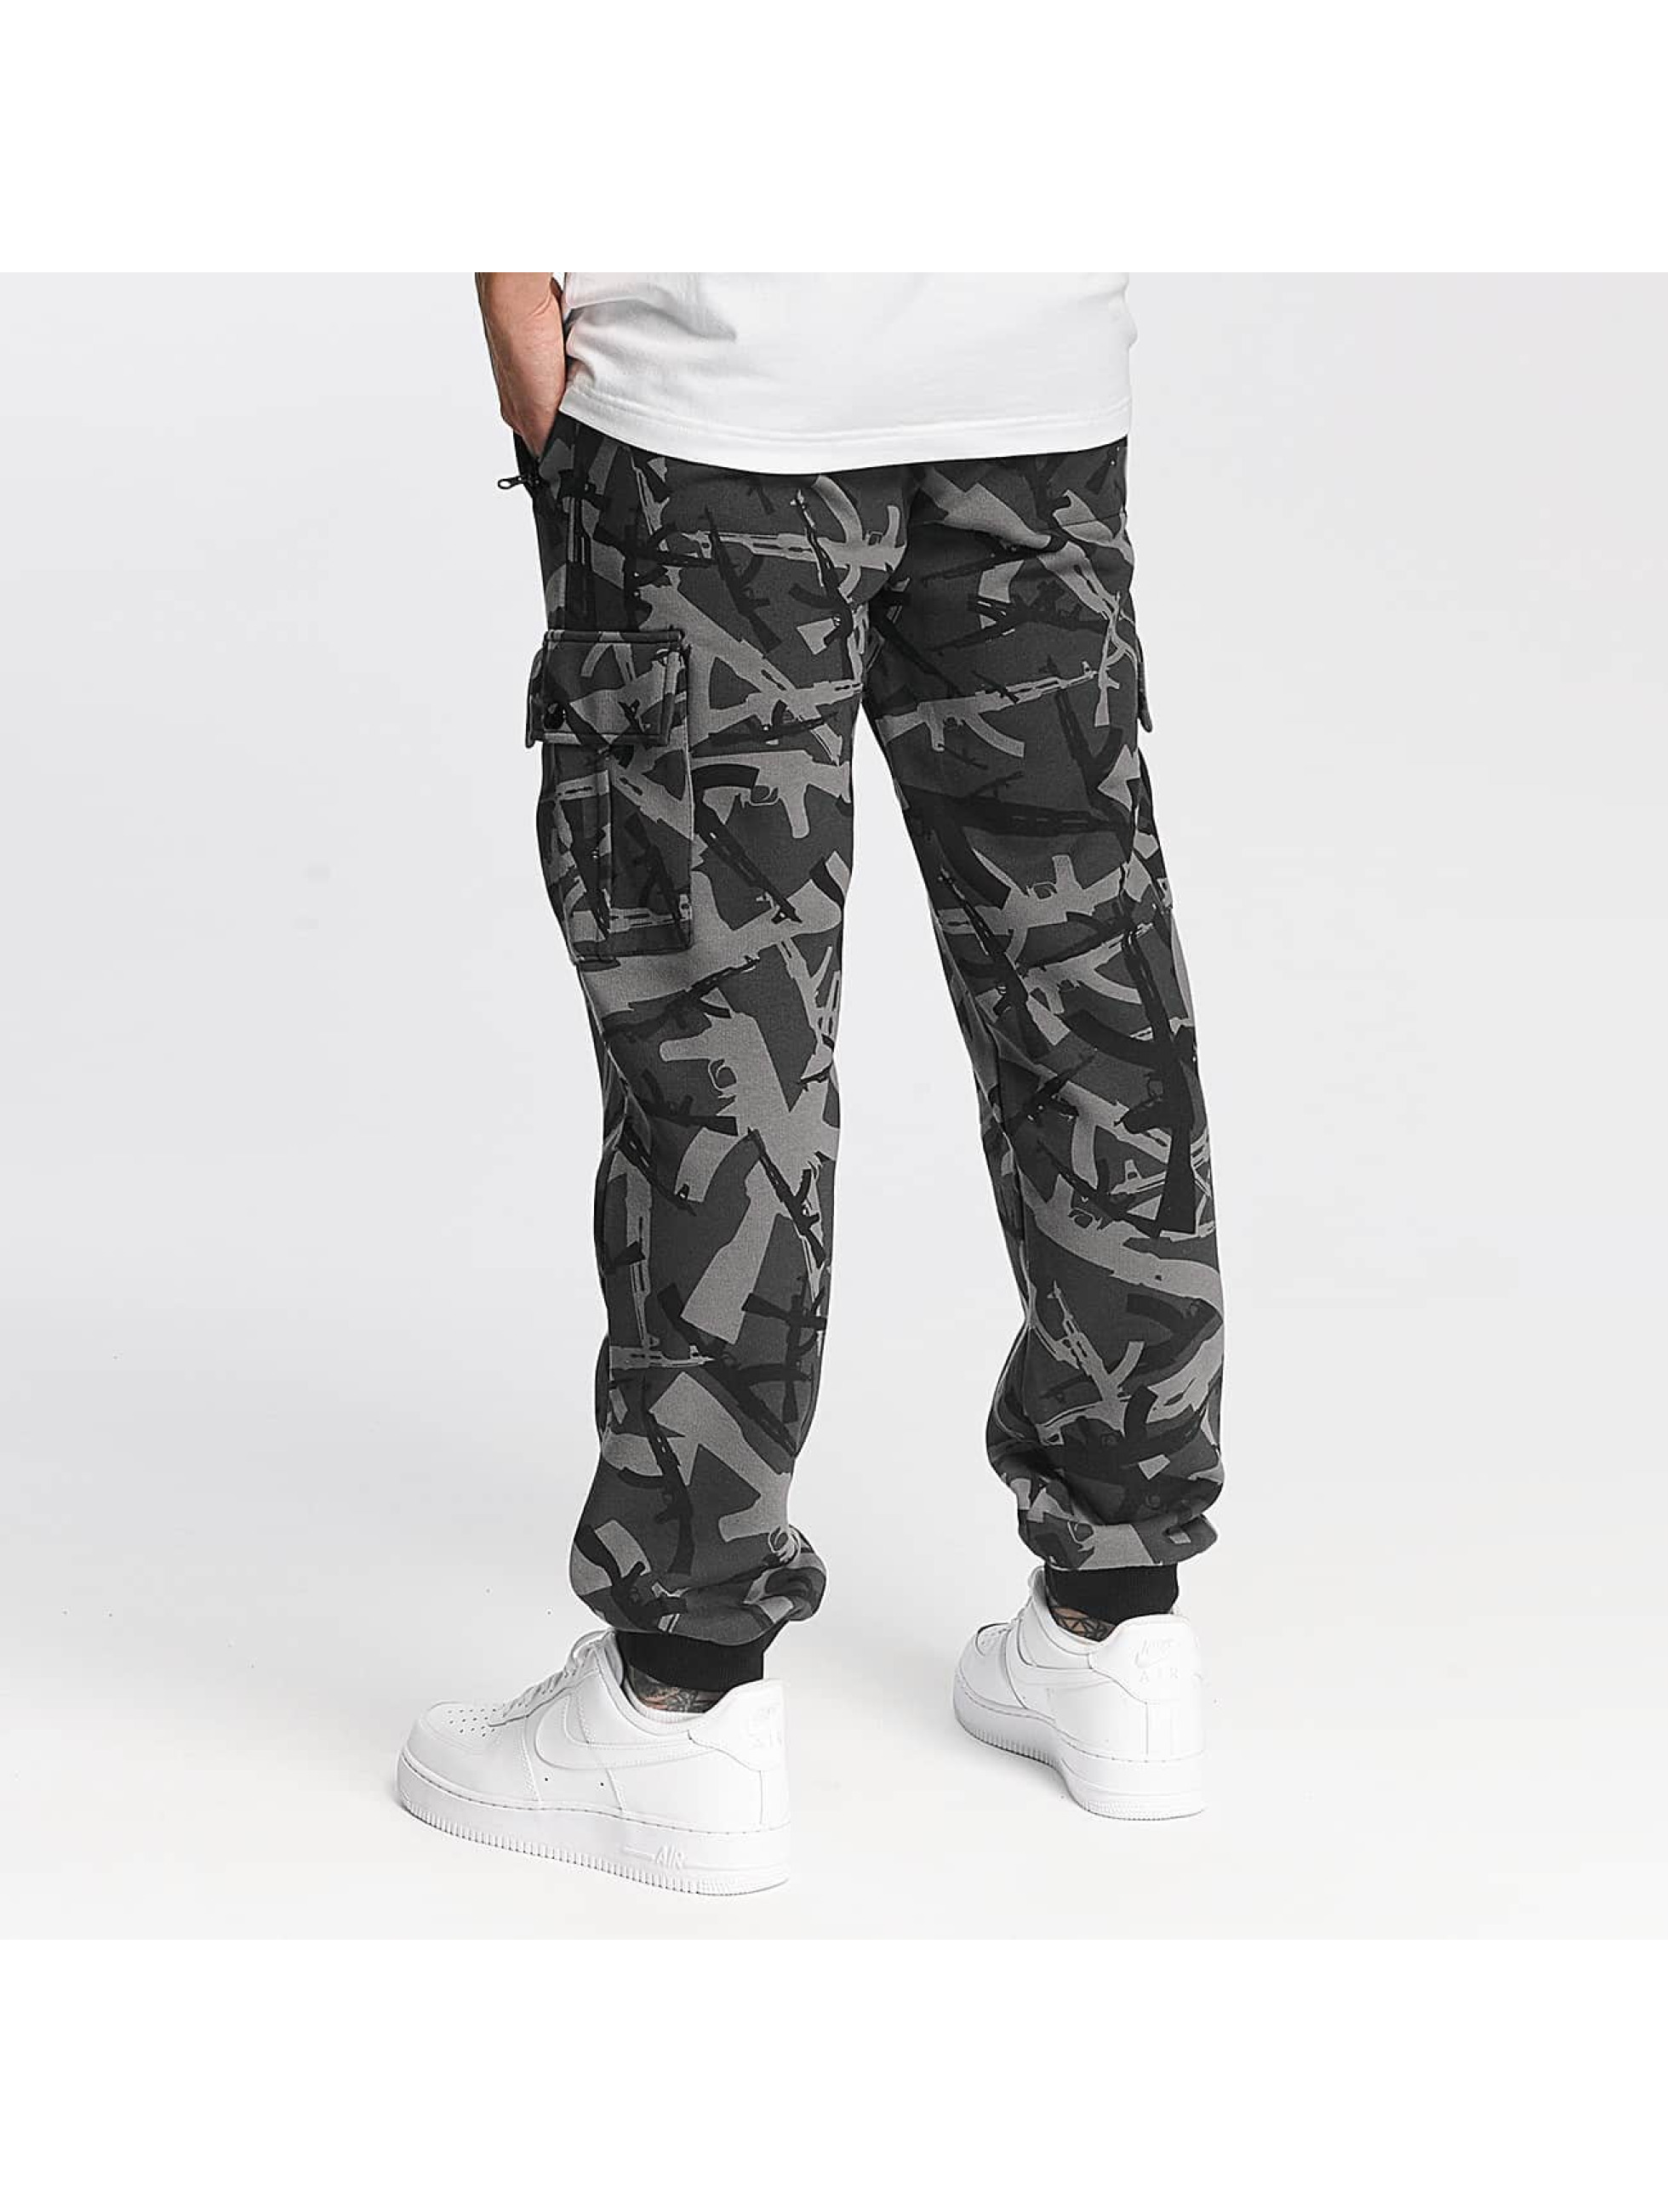 Pusher Apparel Jogginghose AK Camo camouflage